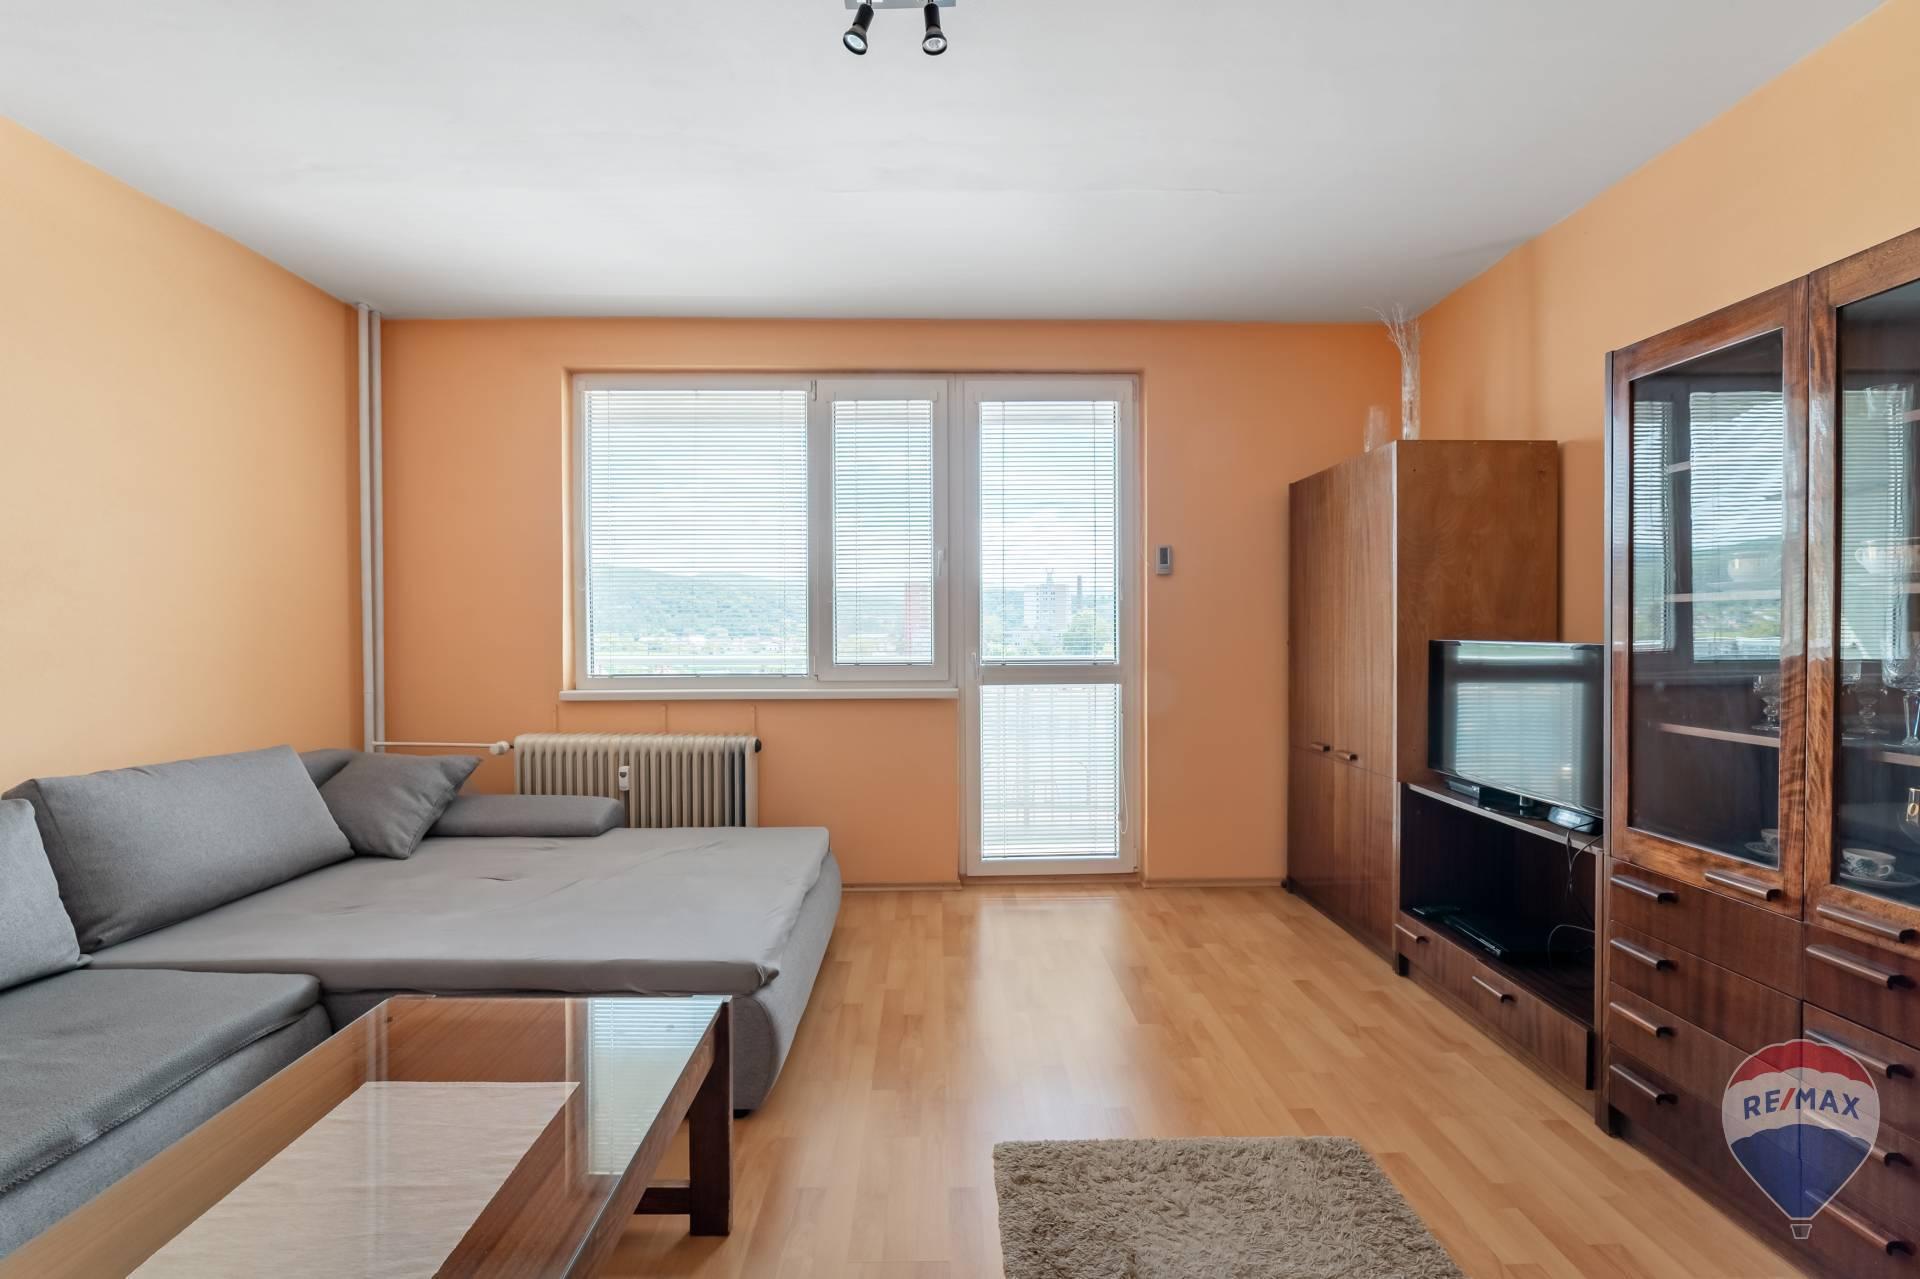 Predaj bytu 2 izbový, Sihoť